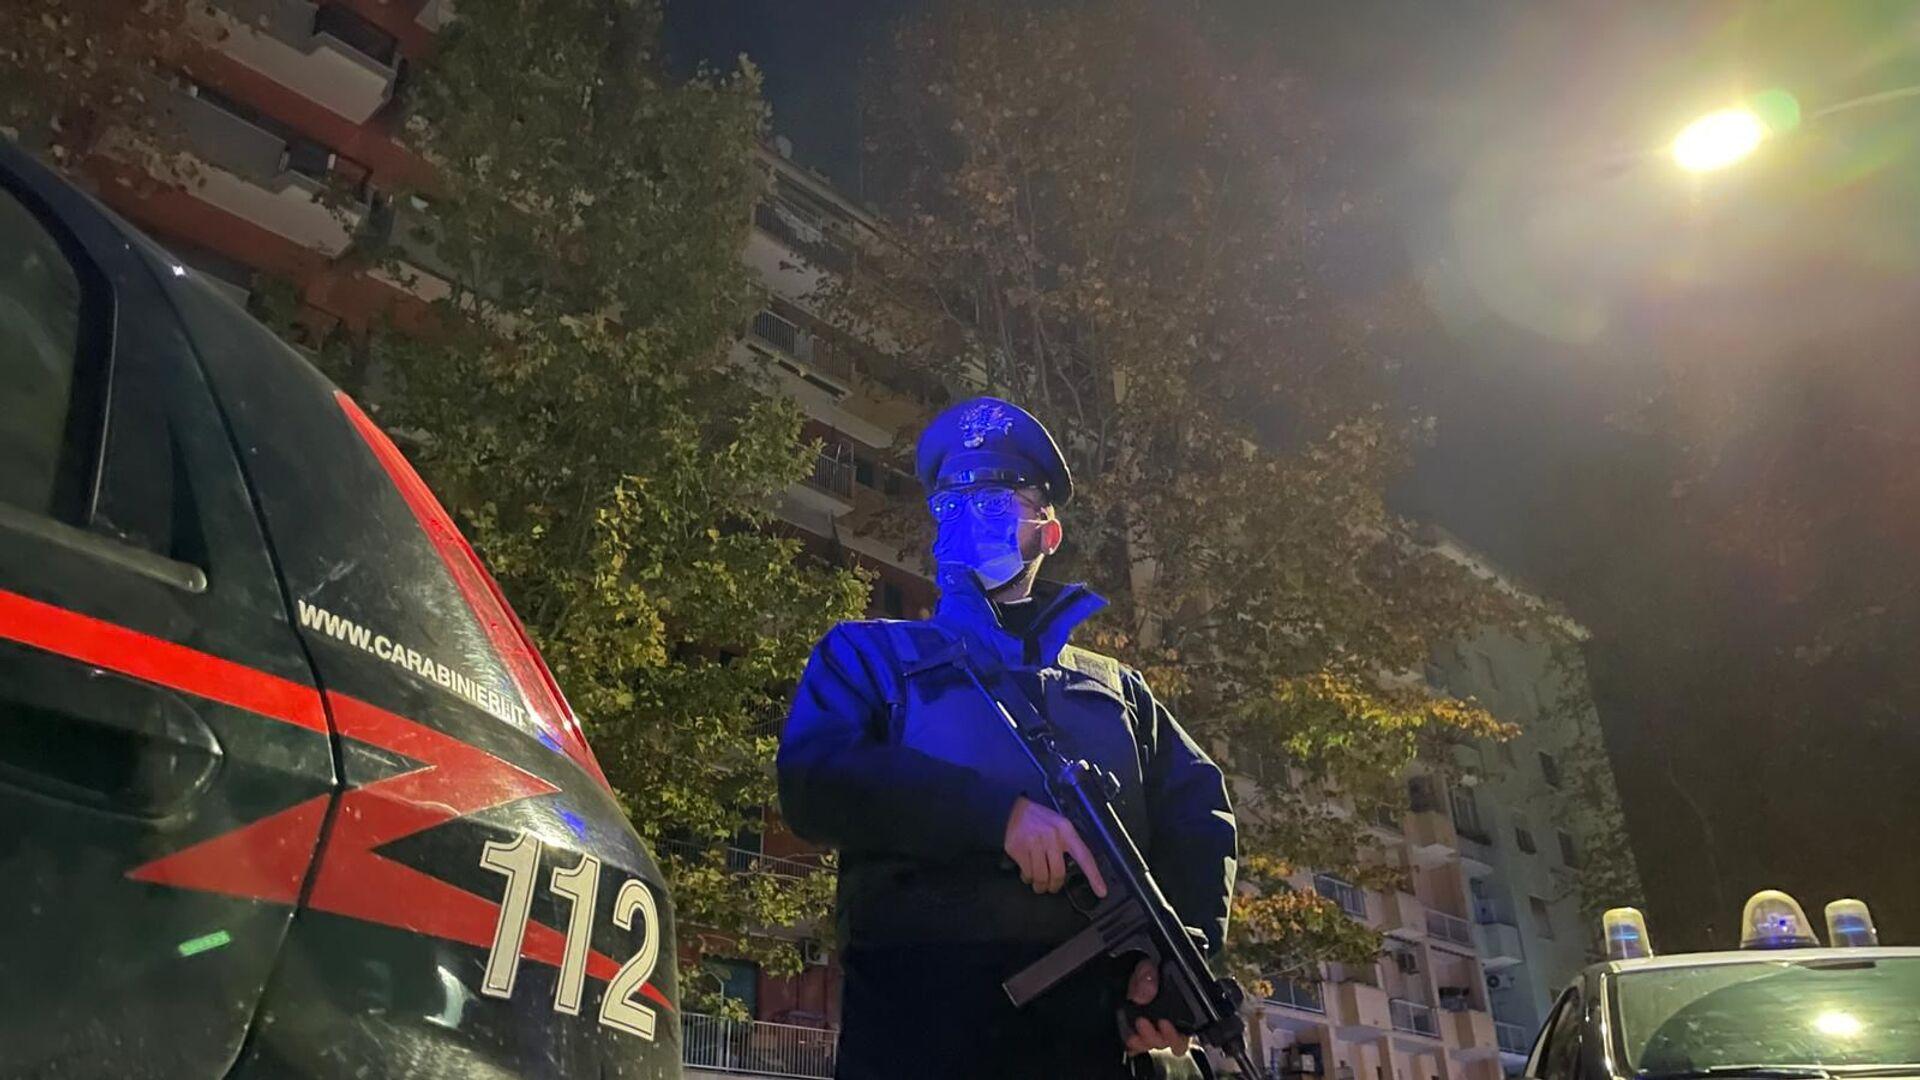 Operazione dei Carabinieri contro il cartello della droga della Camorra a Roma - Sputnik Italia, 1920, 05.02.2021